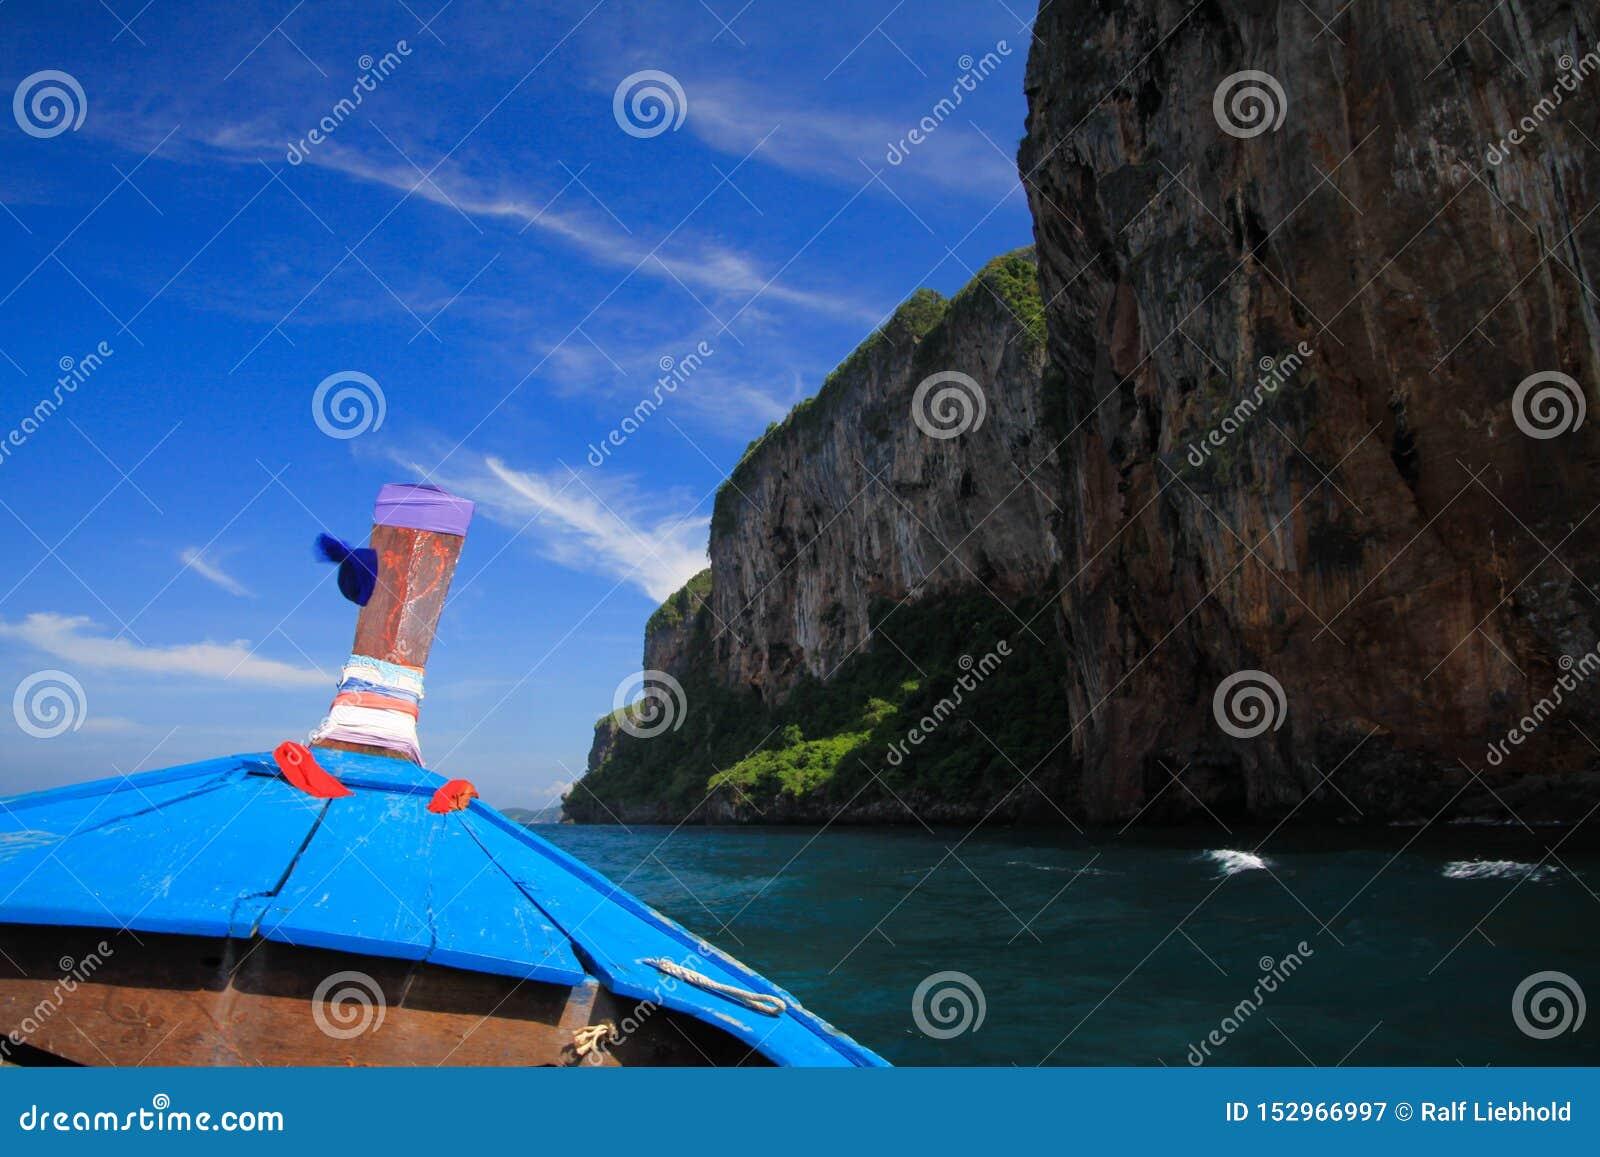 Vista na curva de madeira decorada azul do barco do longtail e da parede da rocha sob o céu azul com poucas nuvens de cirro